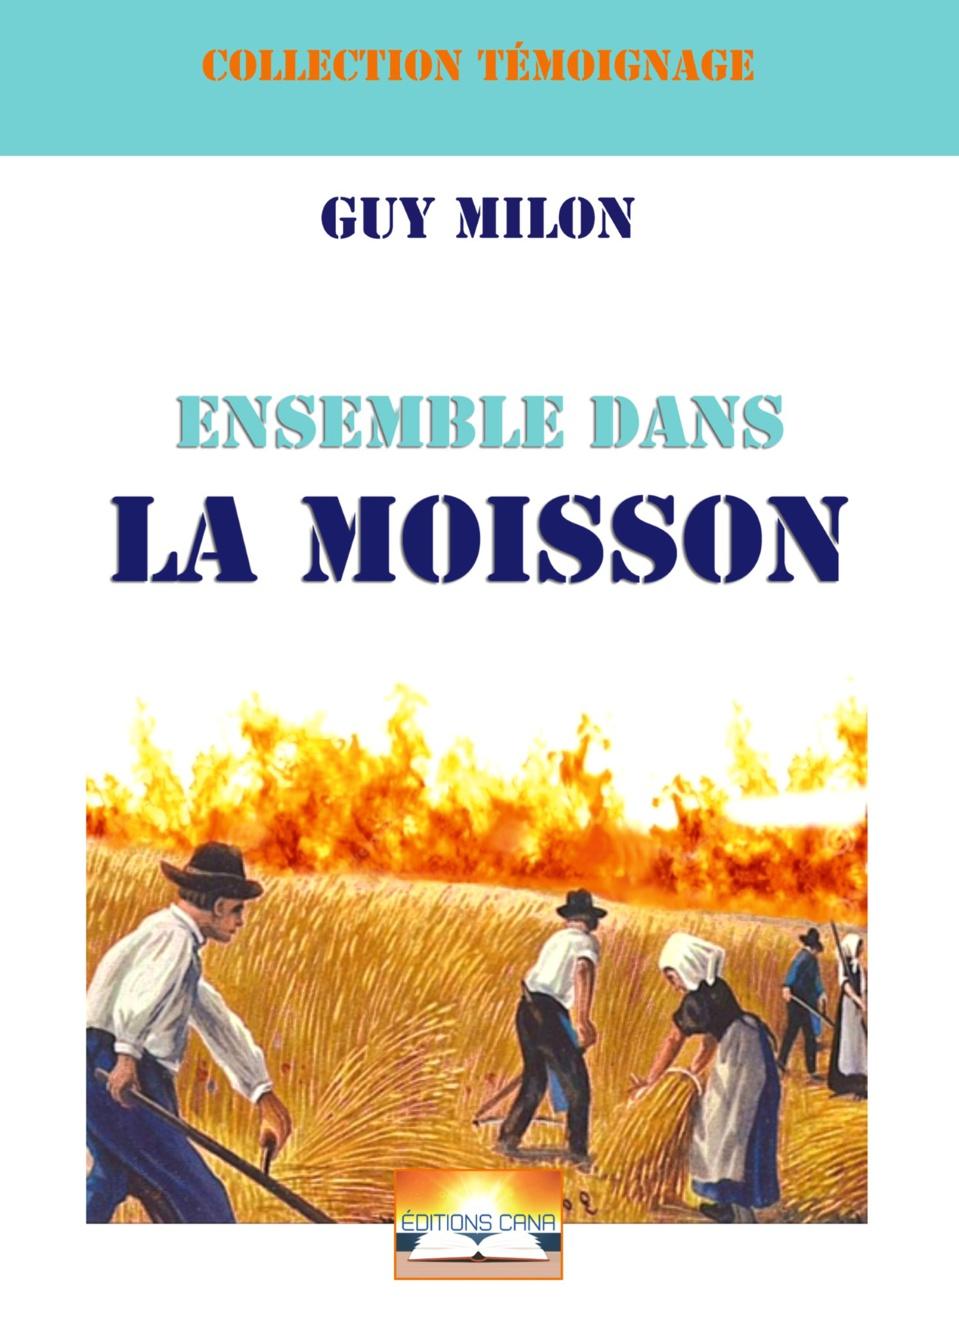 """Livre : Guy Milon nous livre un parcours plein d'enseignements avec """"Ensemble dans la moisson"""""""